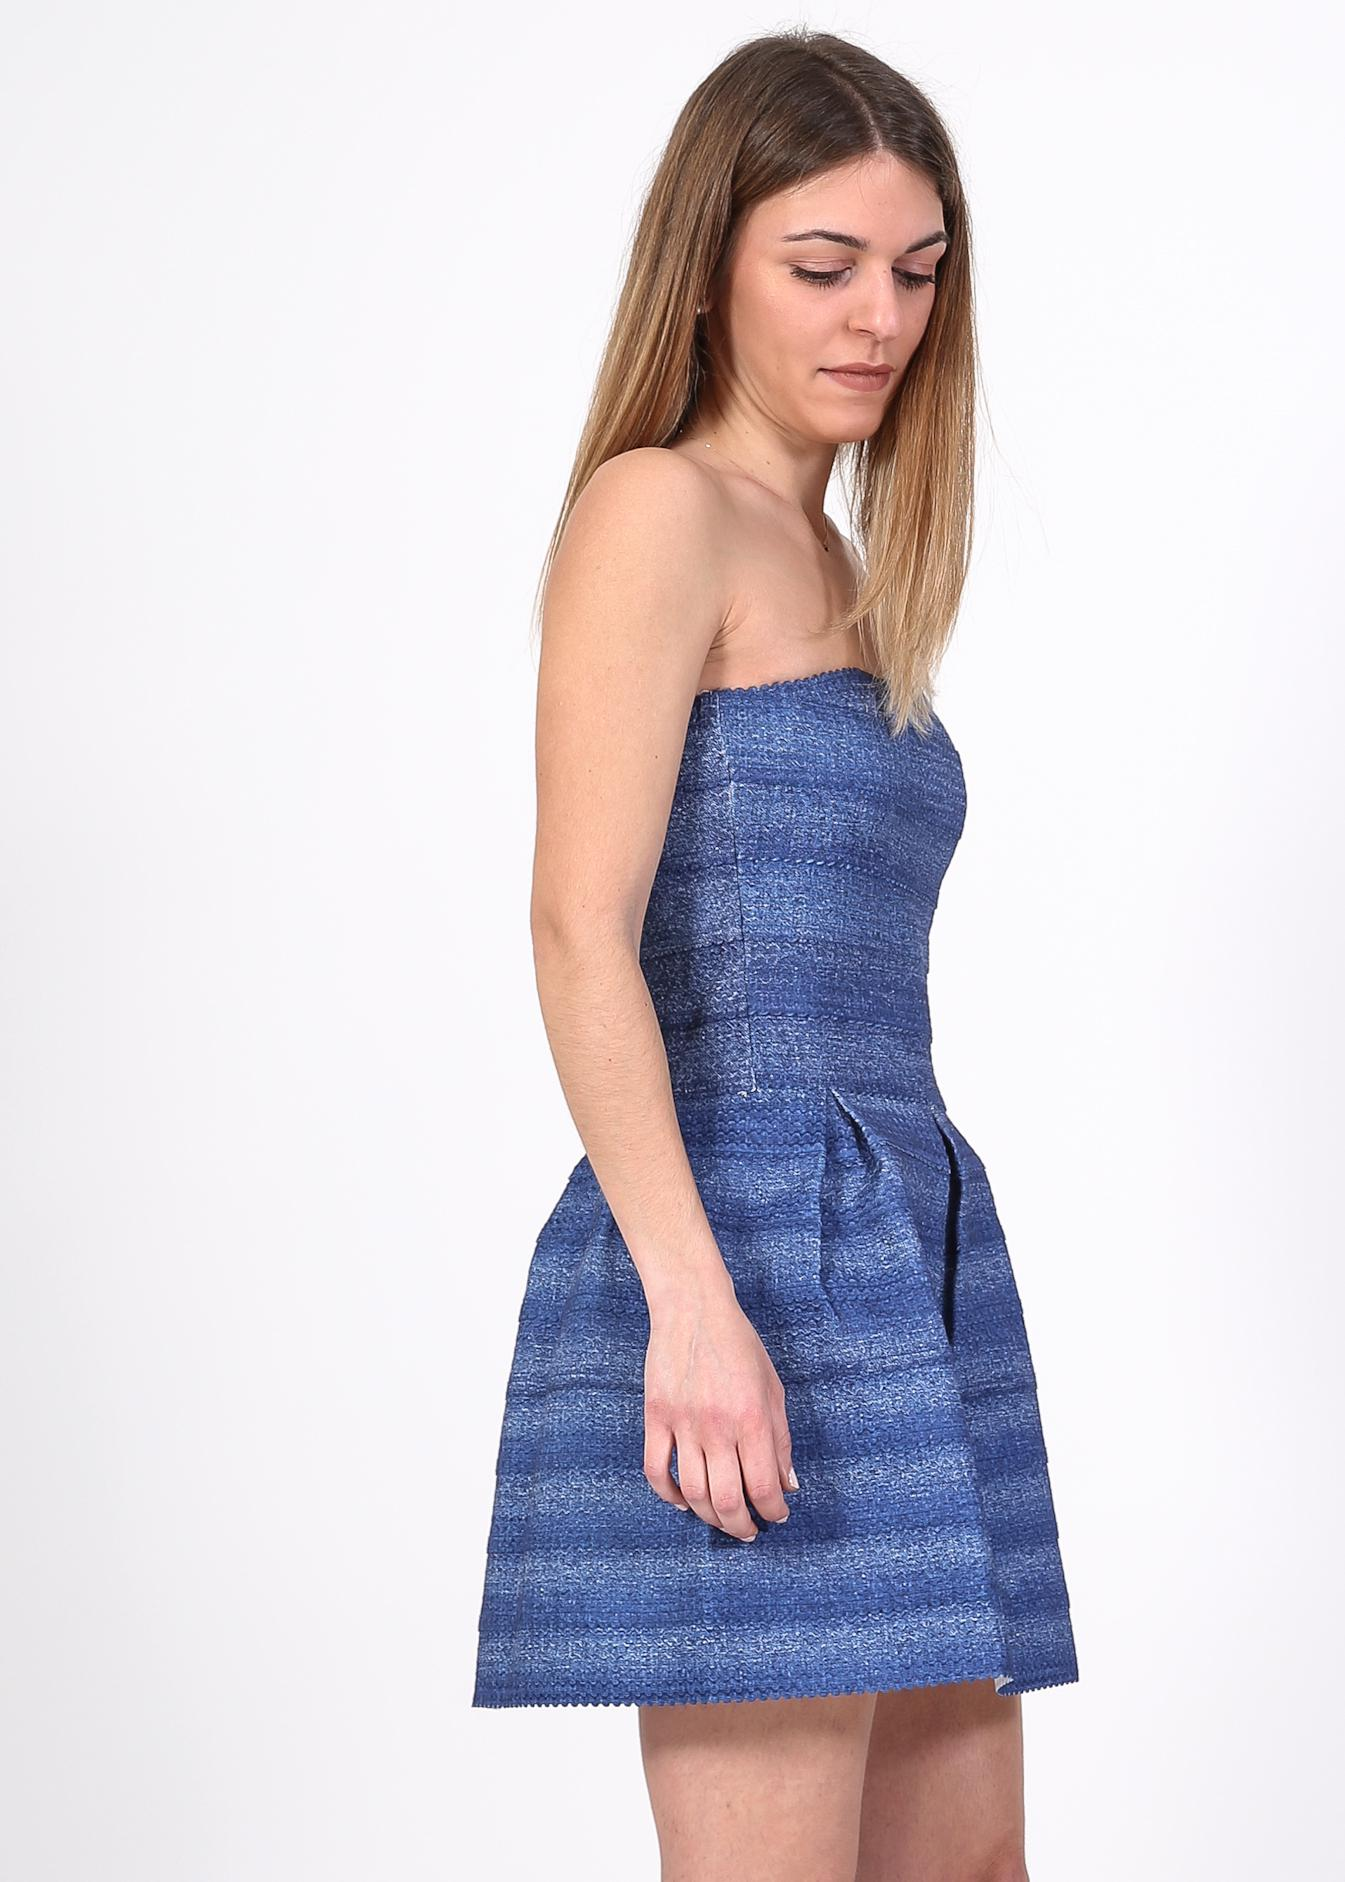 Harlow strapless denim φόρεμα, μπλε ρούχα